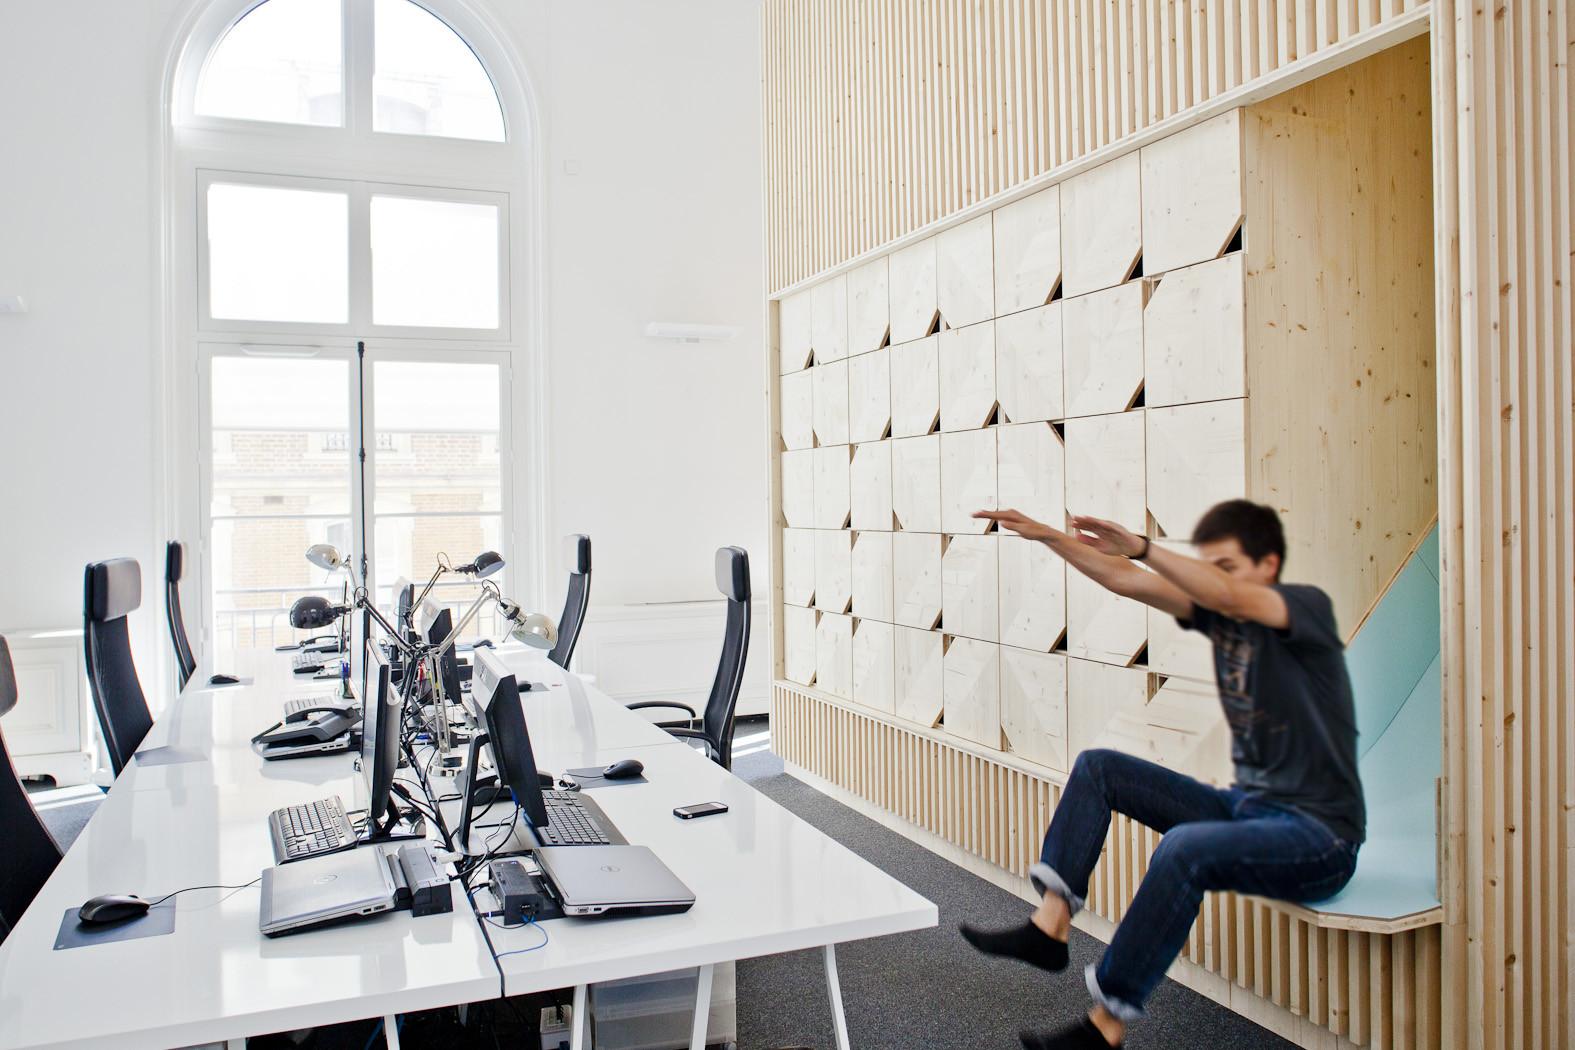 cool open office space cool office arnaud schelstraete amenagement des bureaux ekimetrics estelle vincent architecture